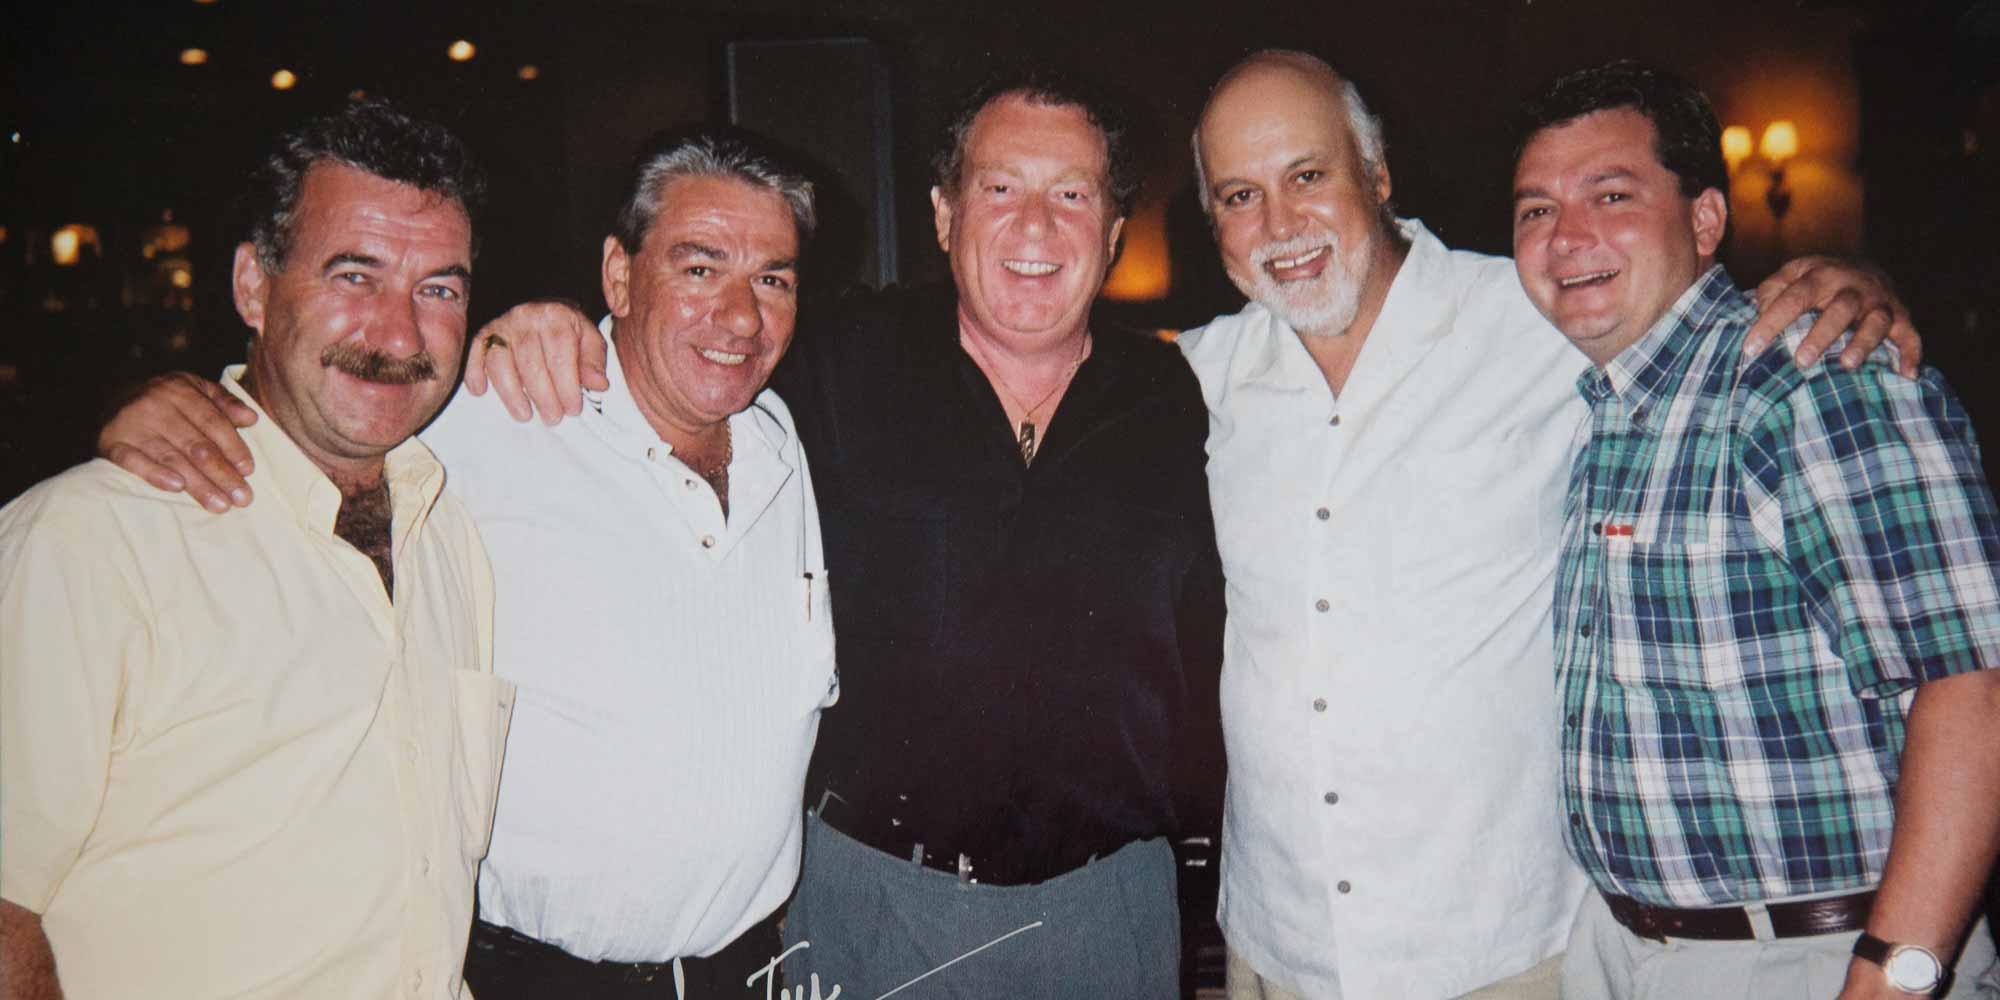 Photo d'archive prise au club de golf Le Mirage, en août 2001. Entourant René Angelil, on reconnaît: Michel Lagacé, Jimmy Lazaris, Paul Sara et Richard Dugal. J'avais eu la chance de participer au tournoi de golf des restaurants Nickel's.